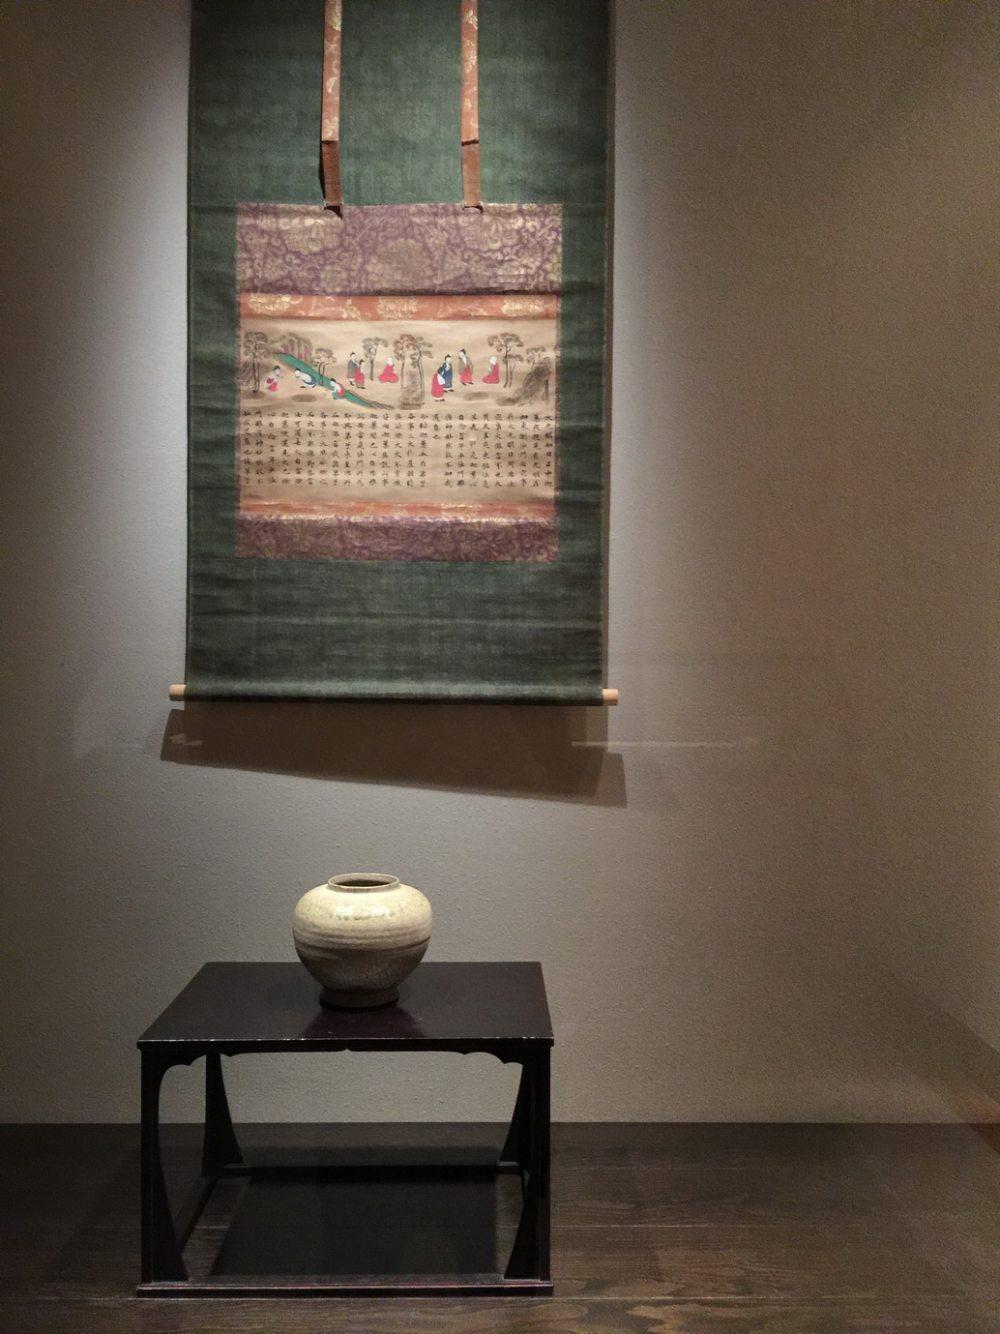 日本美秀美术馆MIHO MUSEUM自拍分享-贝聿铭_IMG_7293.JPG